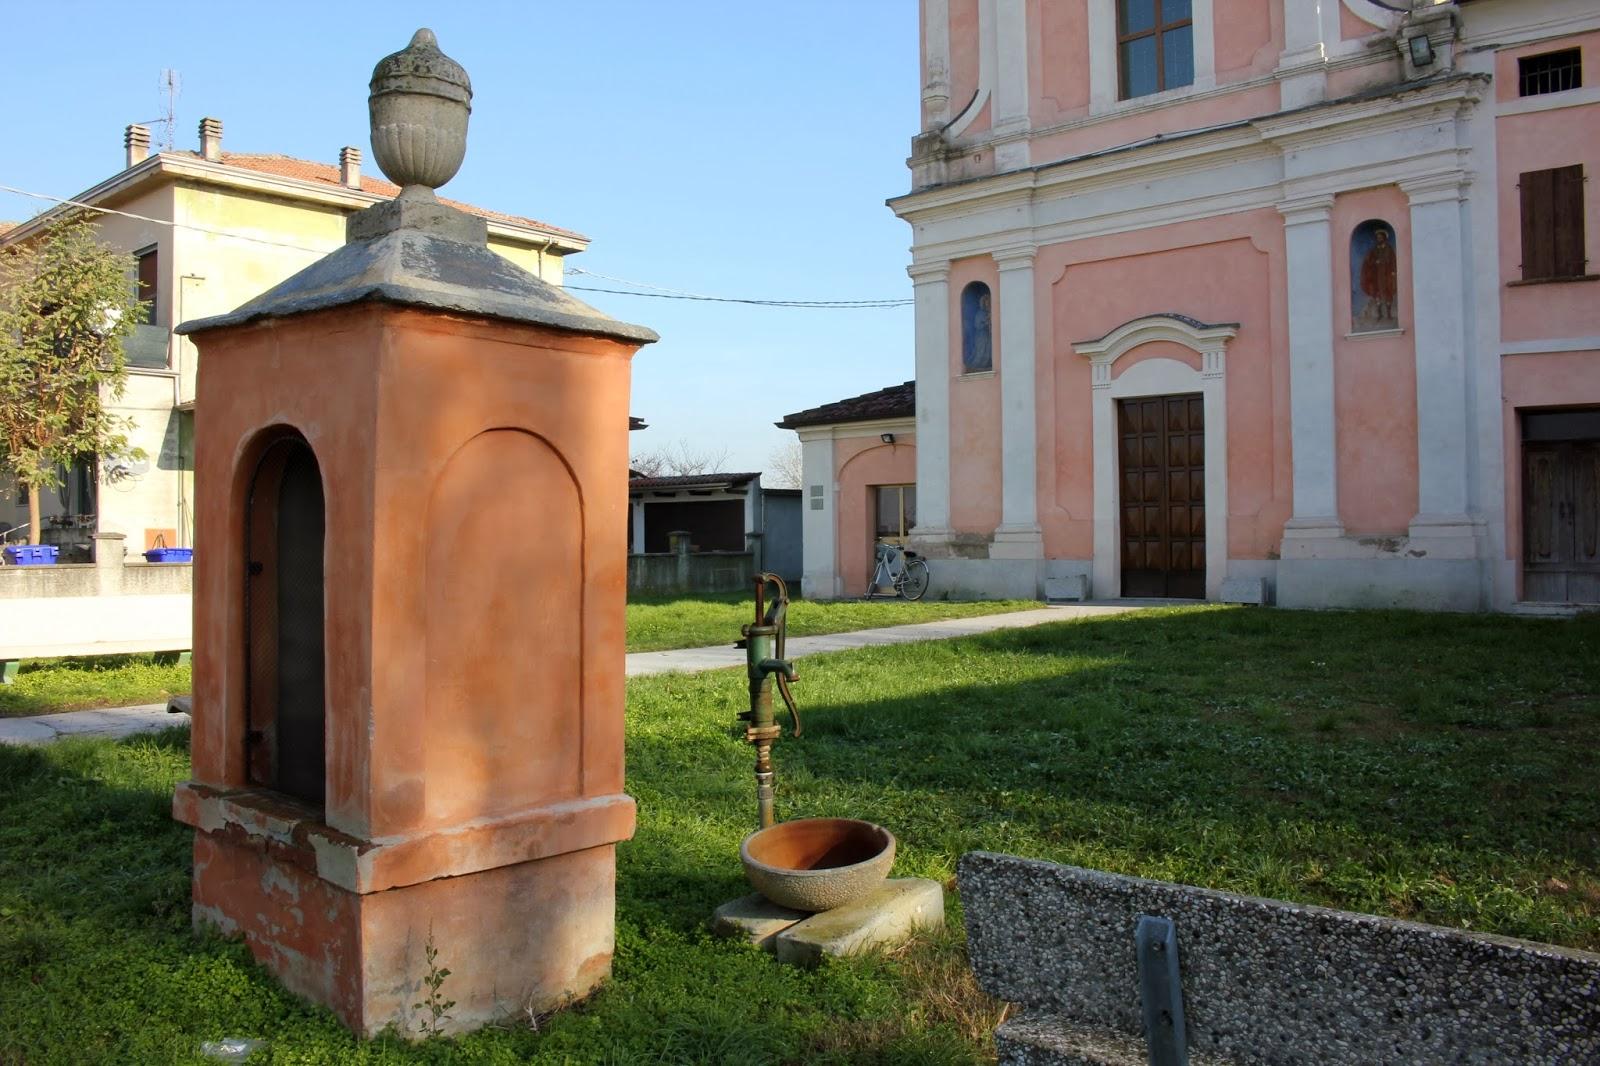 Le fonti Miracolose del Santuario di San Rocco